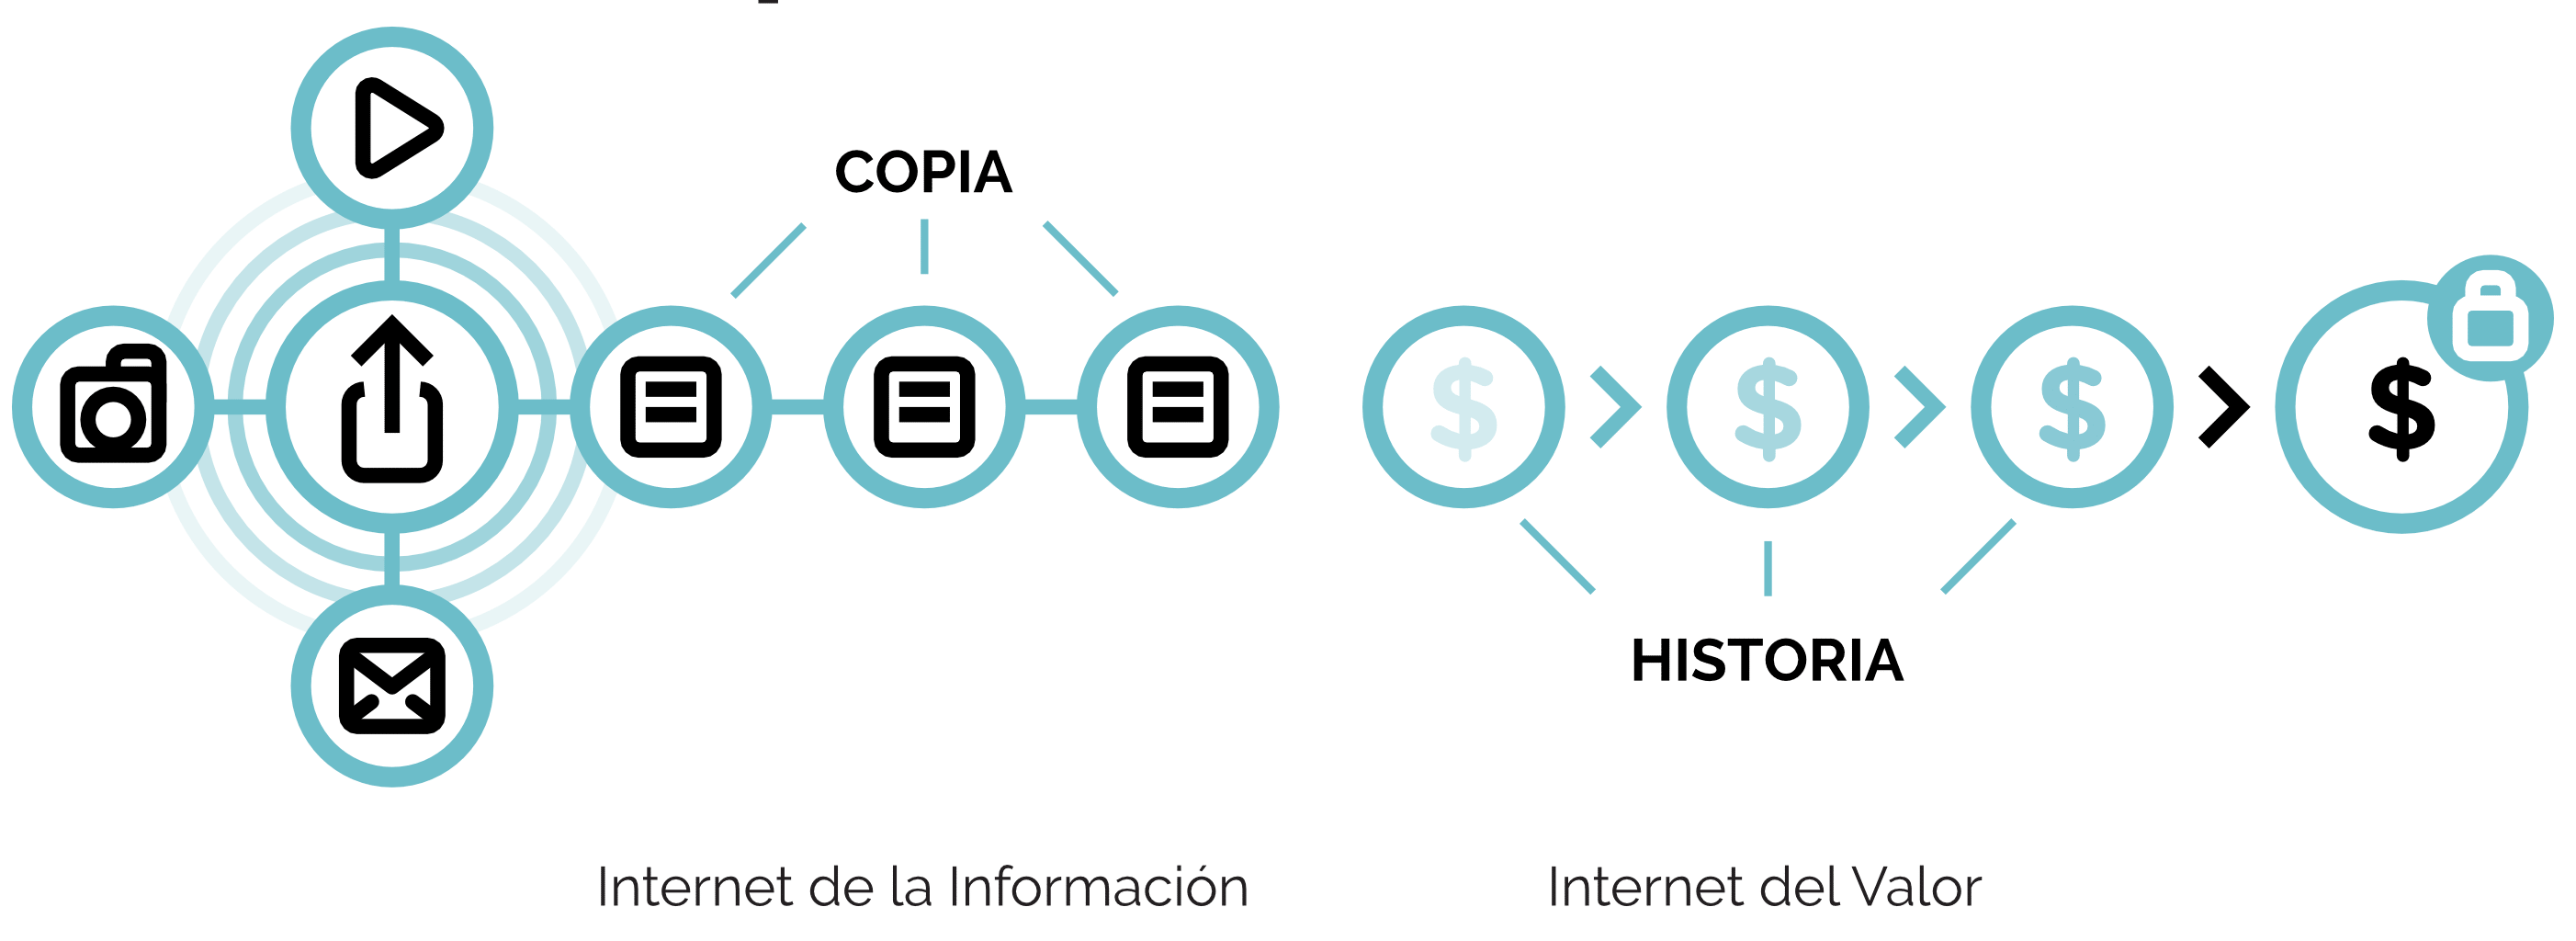 Internet del valor y de la informacion